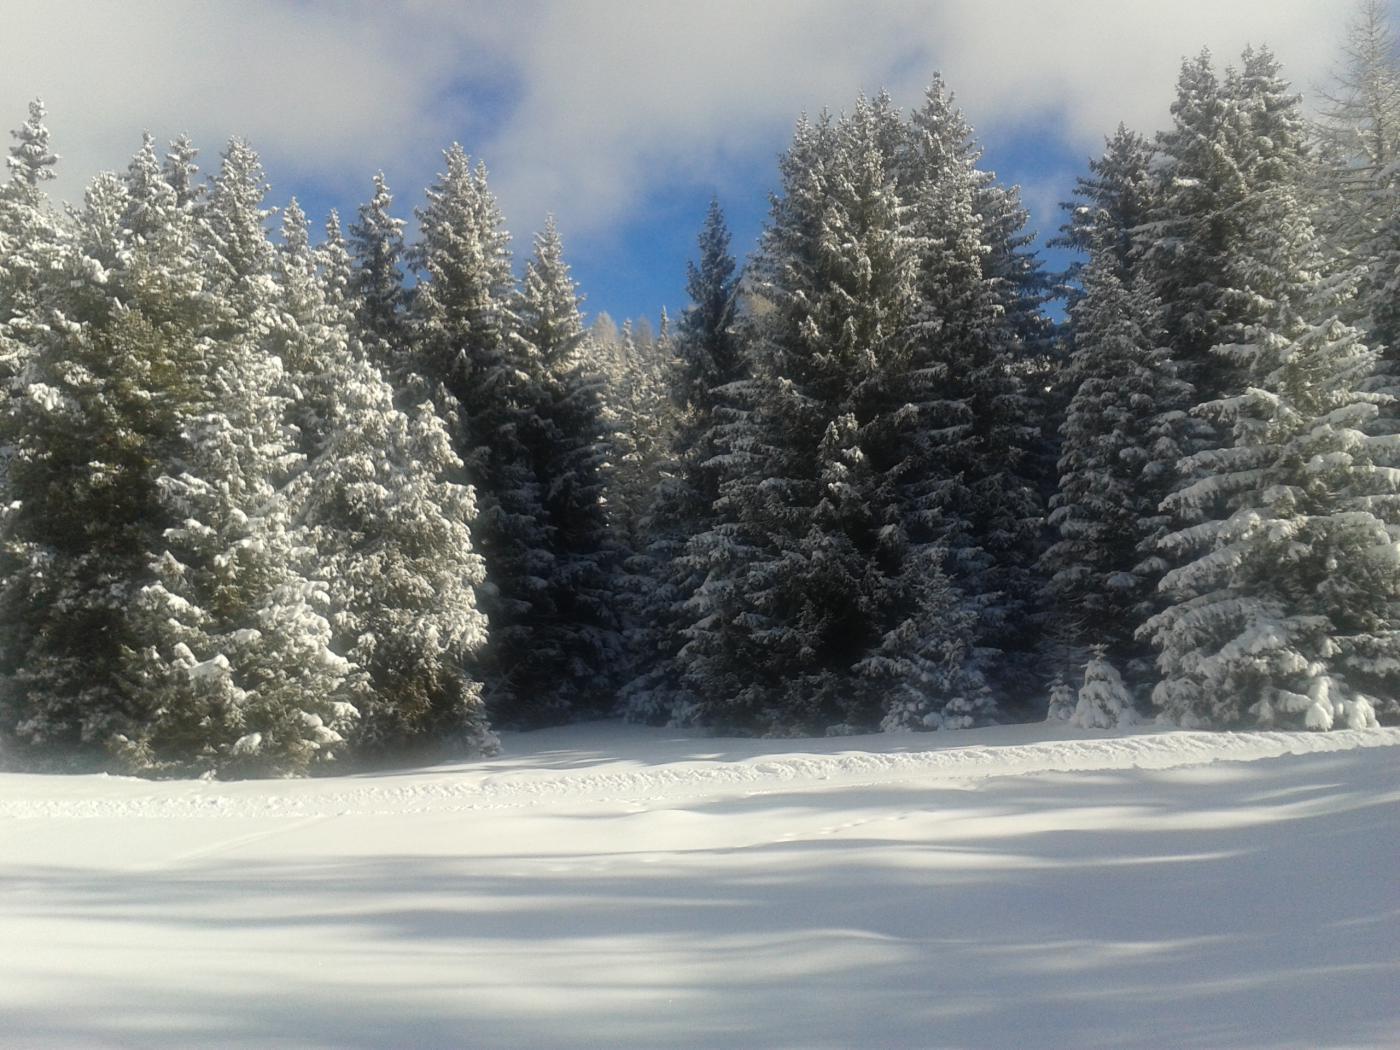 bosco incantato